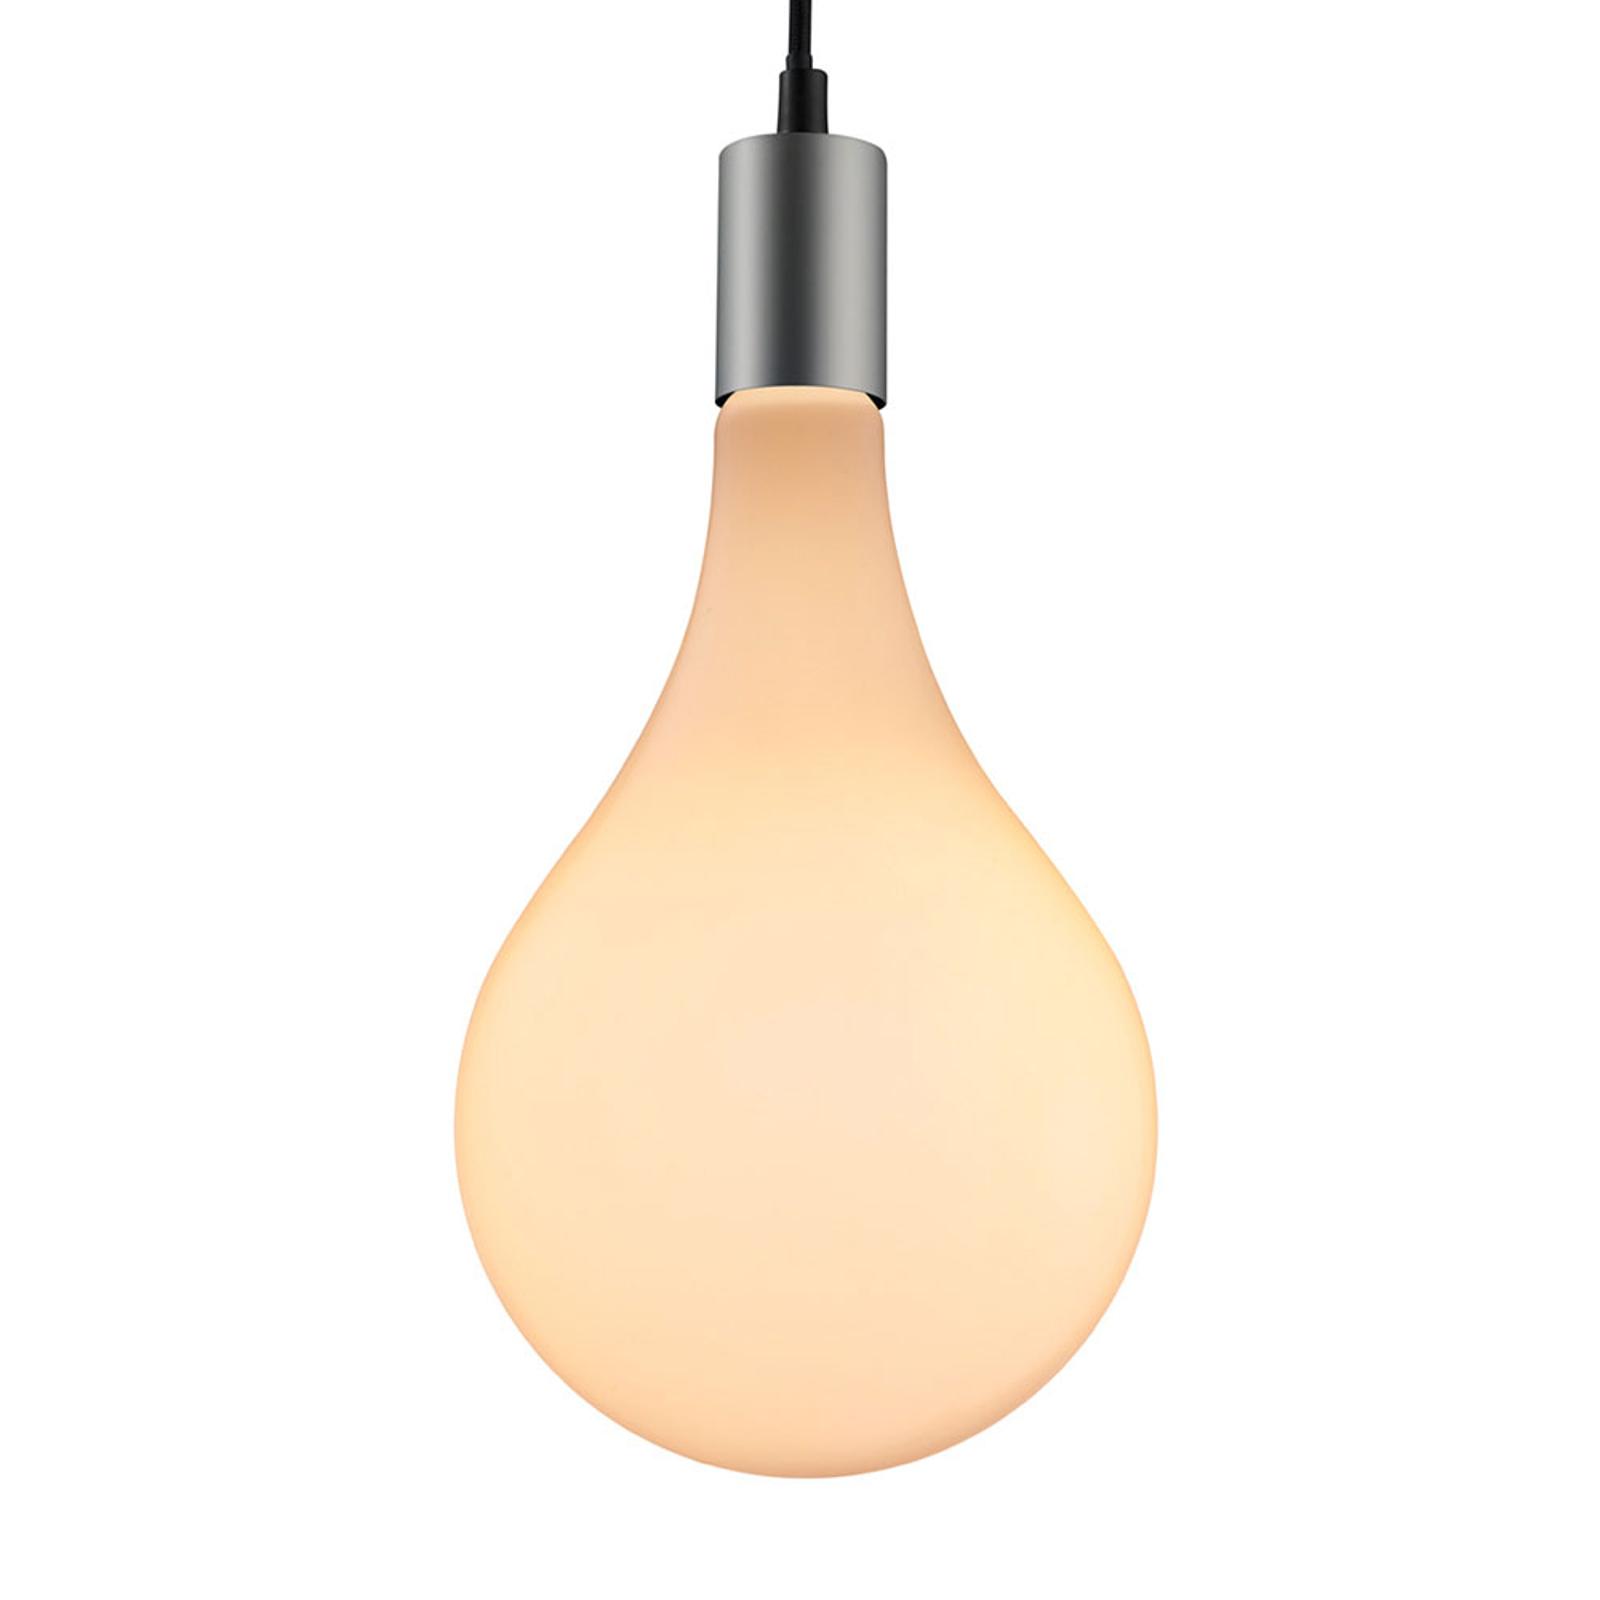 WiZ E27 Giant LED-dråbepære, 6,5 W, dim, CCT, mat